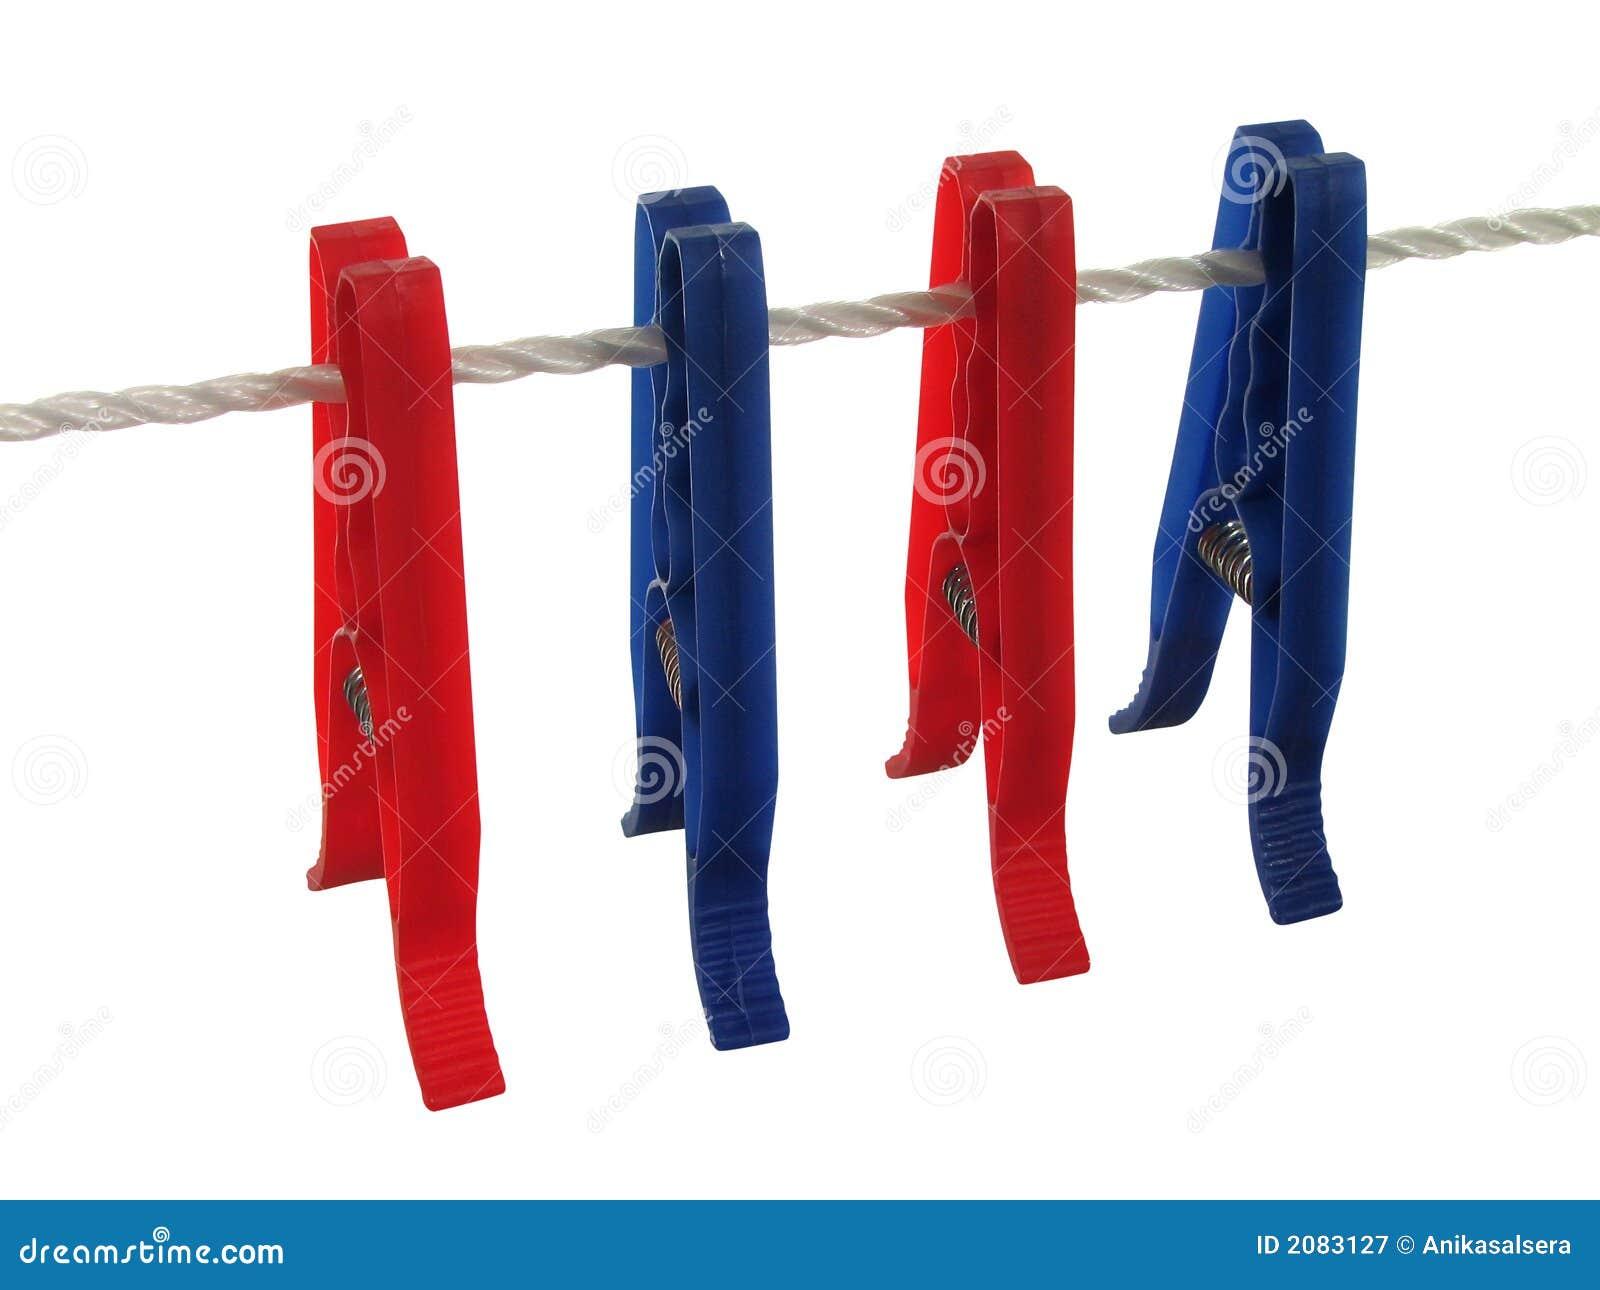 Blauwe en rode wasknijpers op een waslijn het knippen - Tendedero de ropa electrico ...